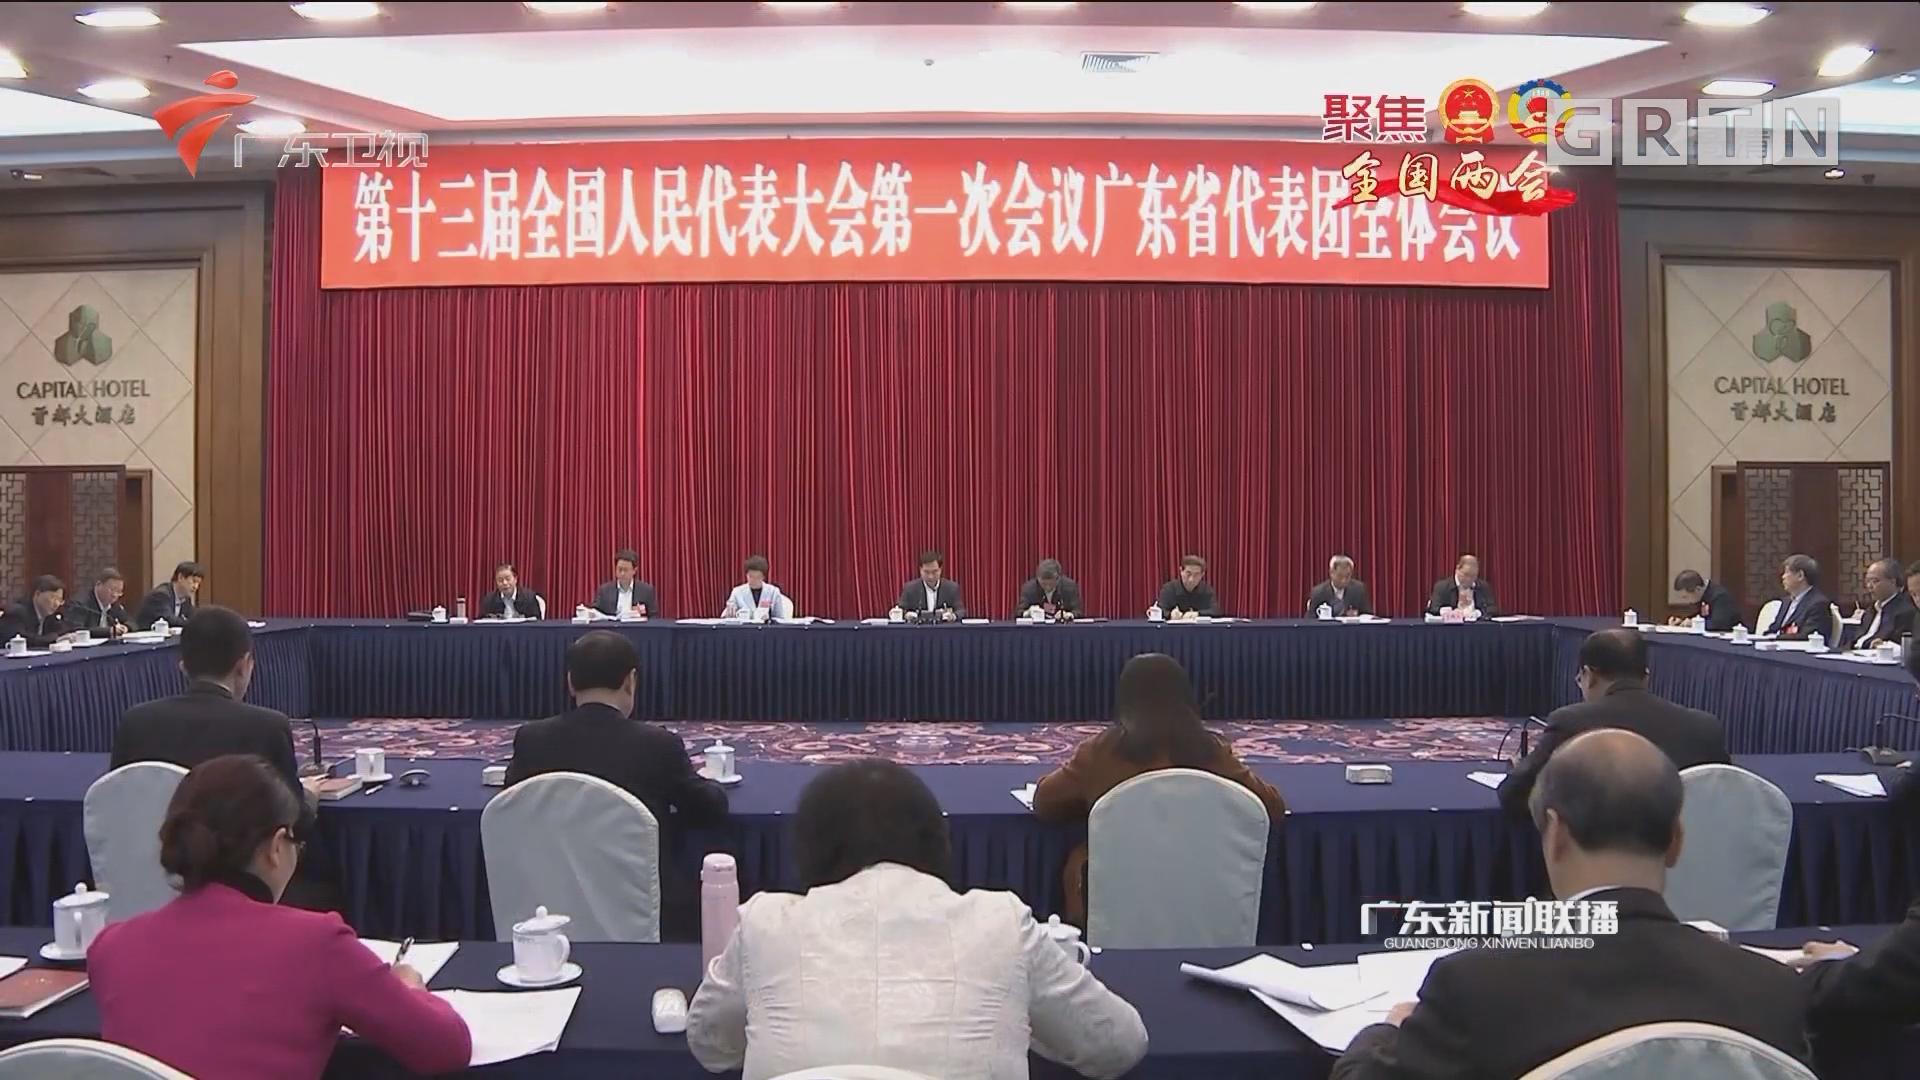 广东代表团举行全体会议审议监察法草案 李希马兴瑞李玉妹等代表发言